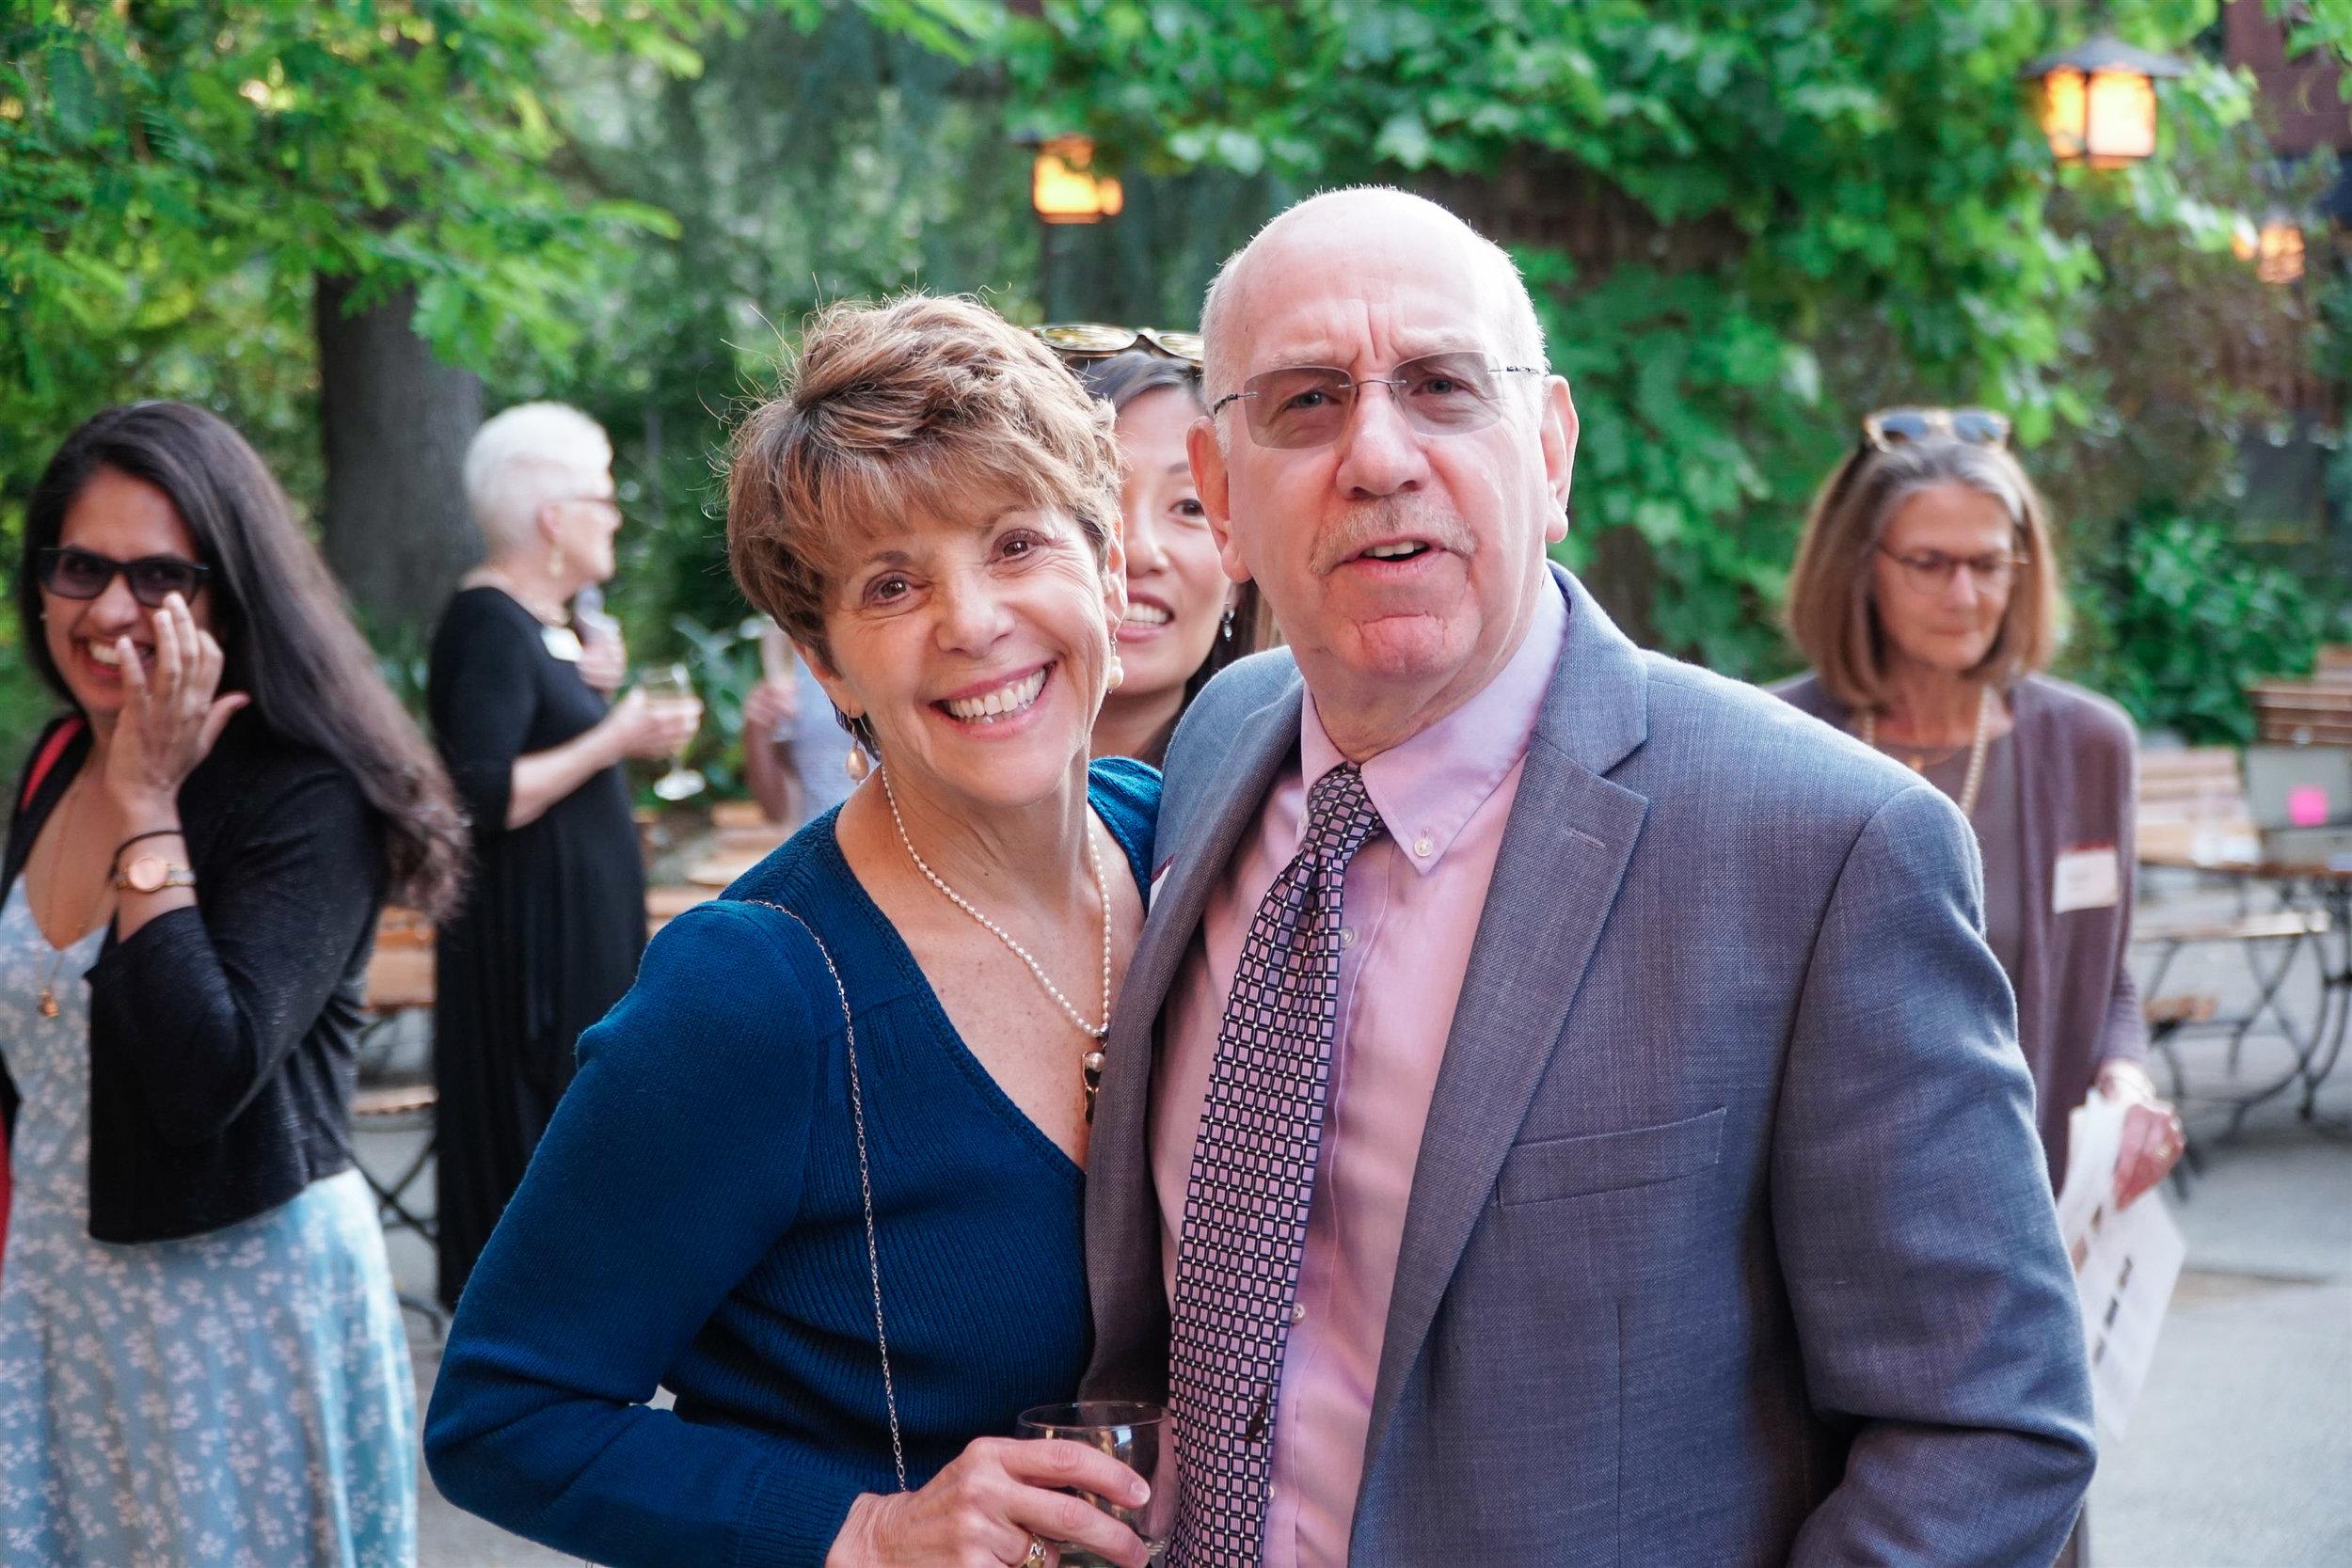 Dr. Miller and Mrs. Miller